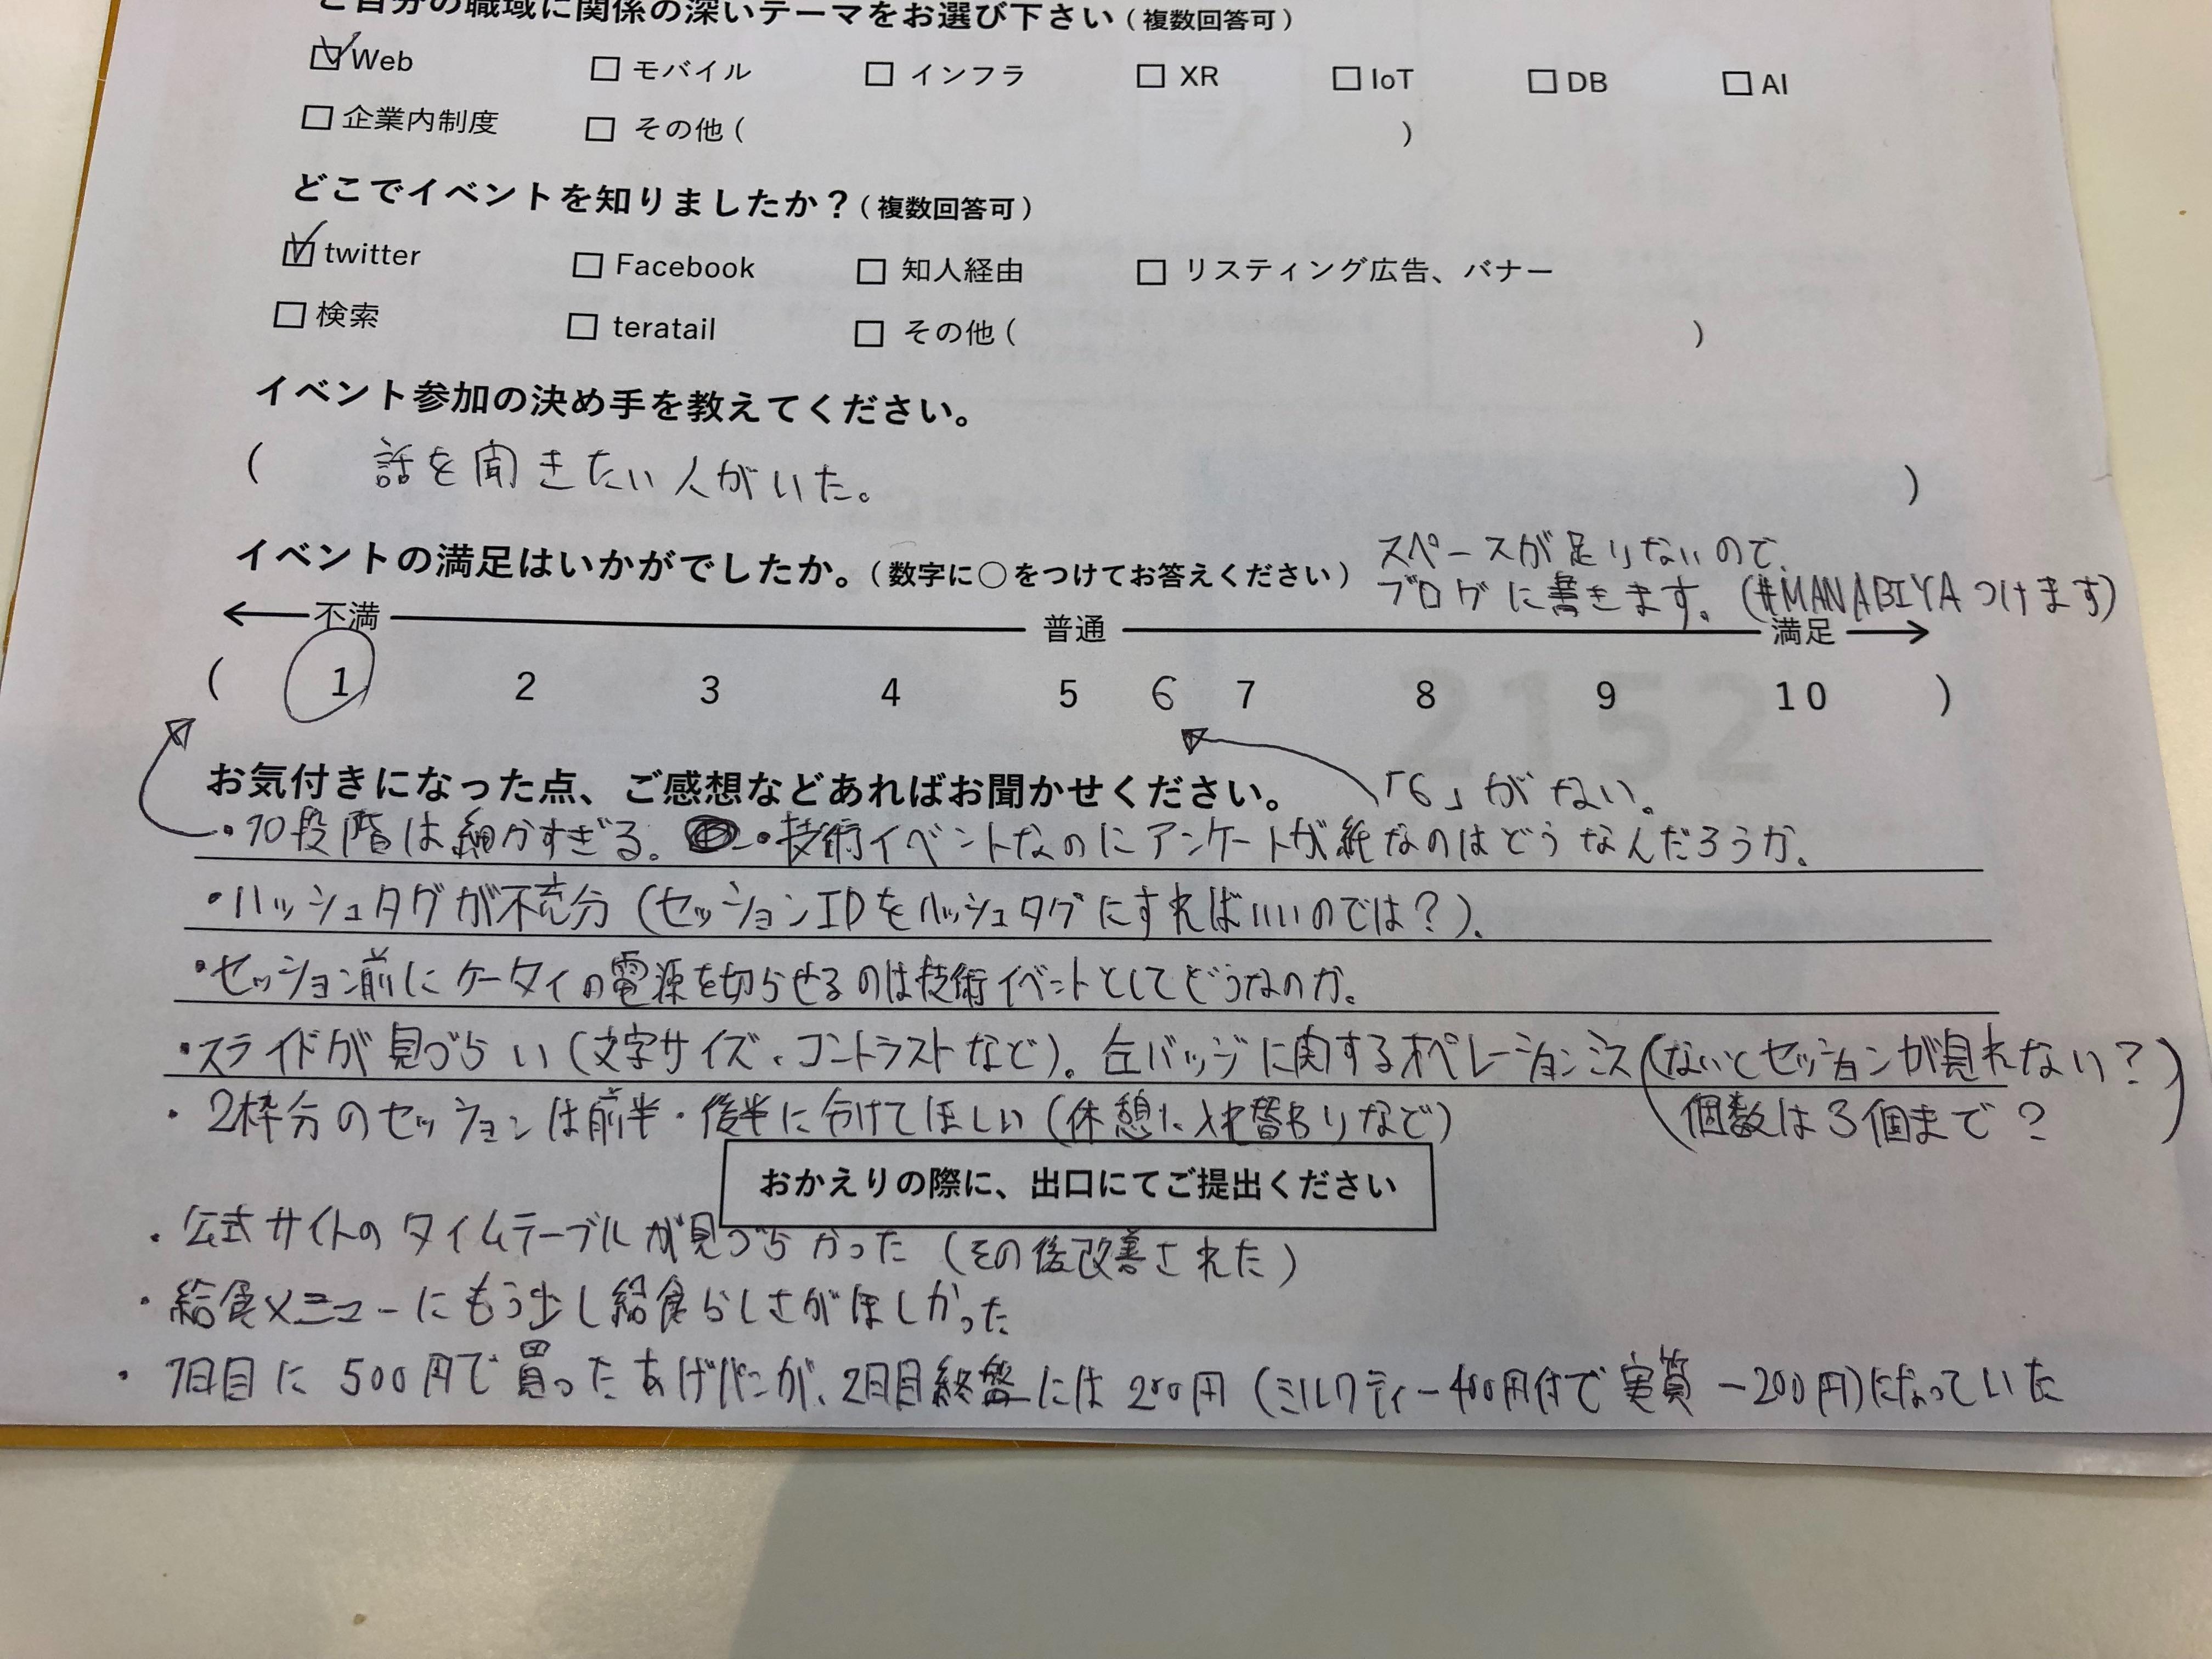 f:id:munieru_jp:20180324214235j:image